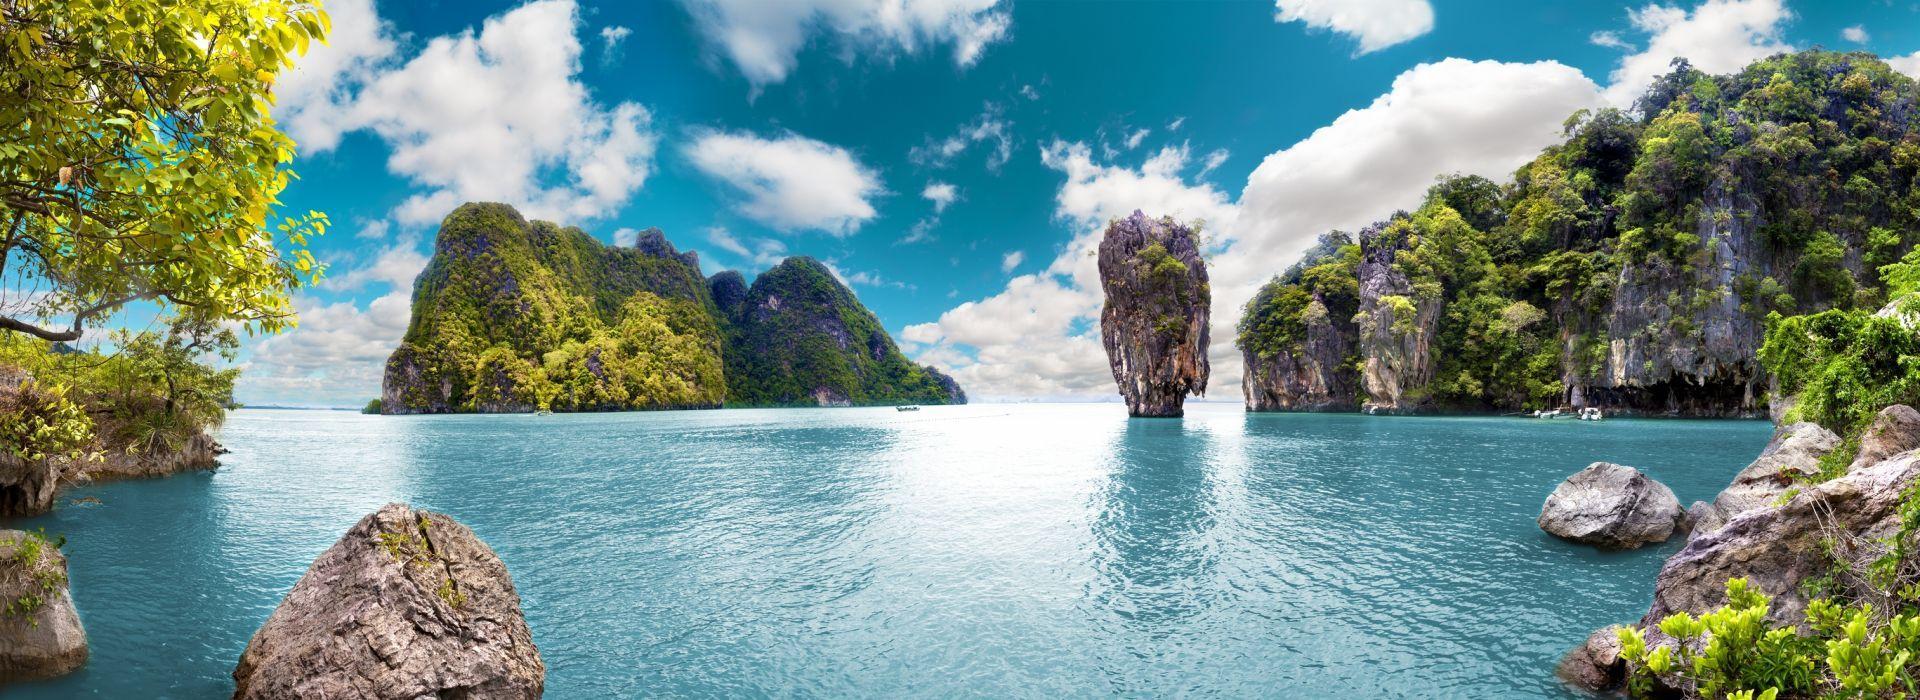 Adventure Tours in Koh Phangan